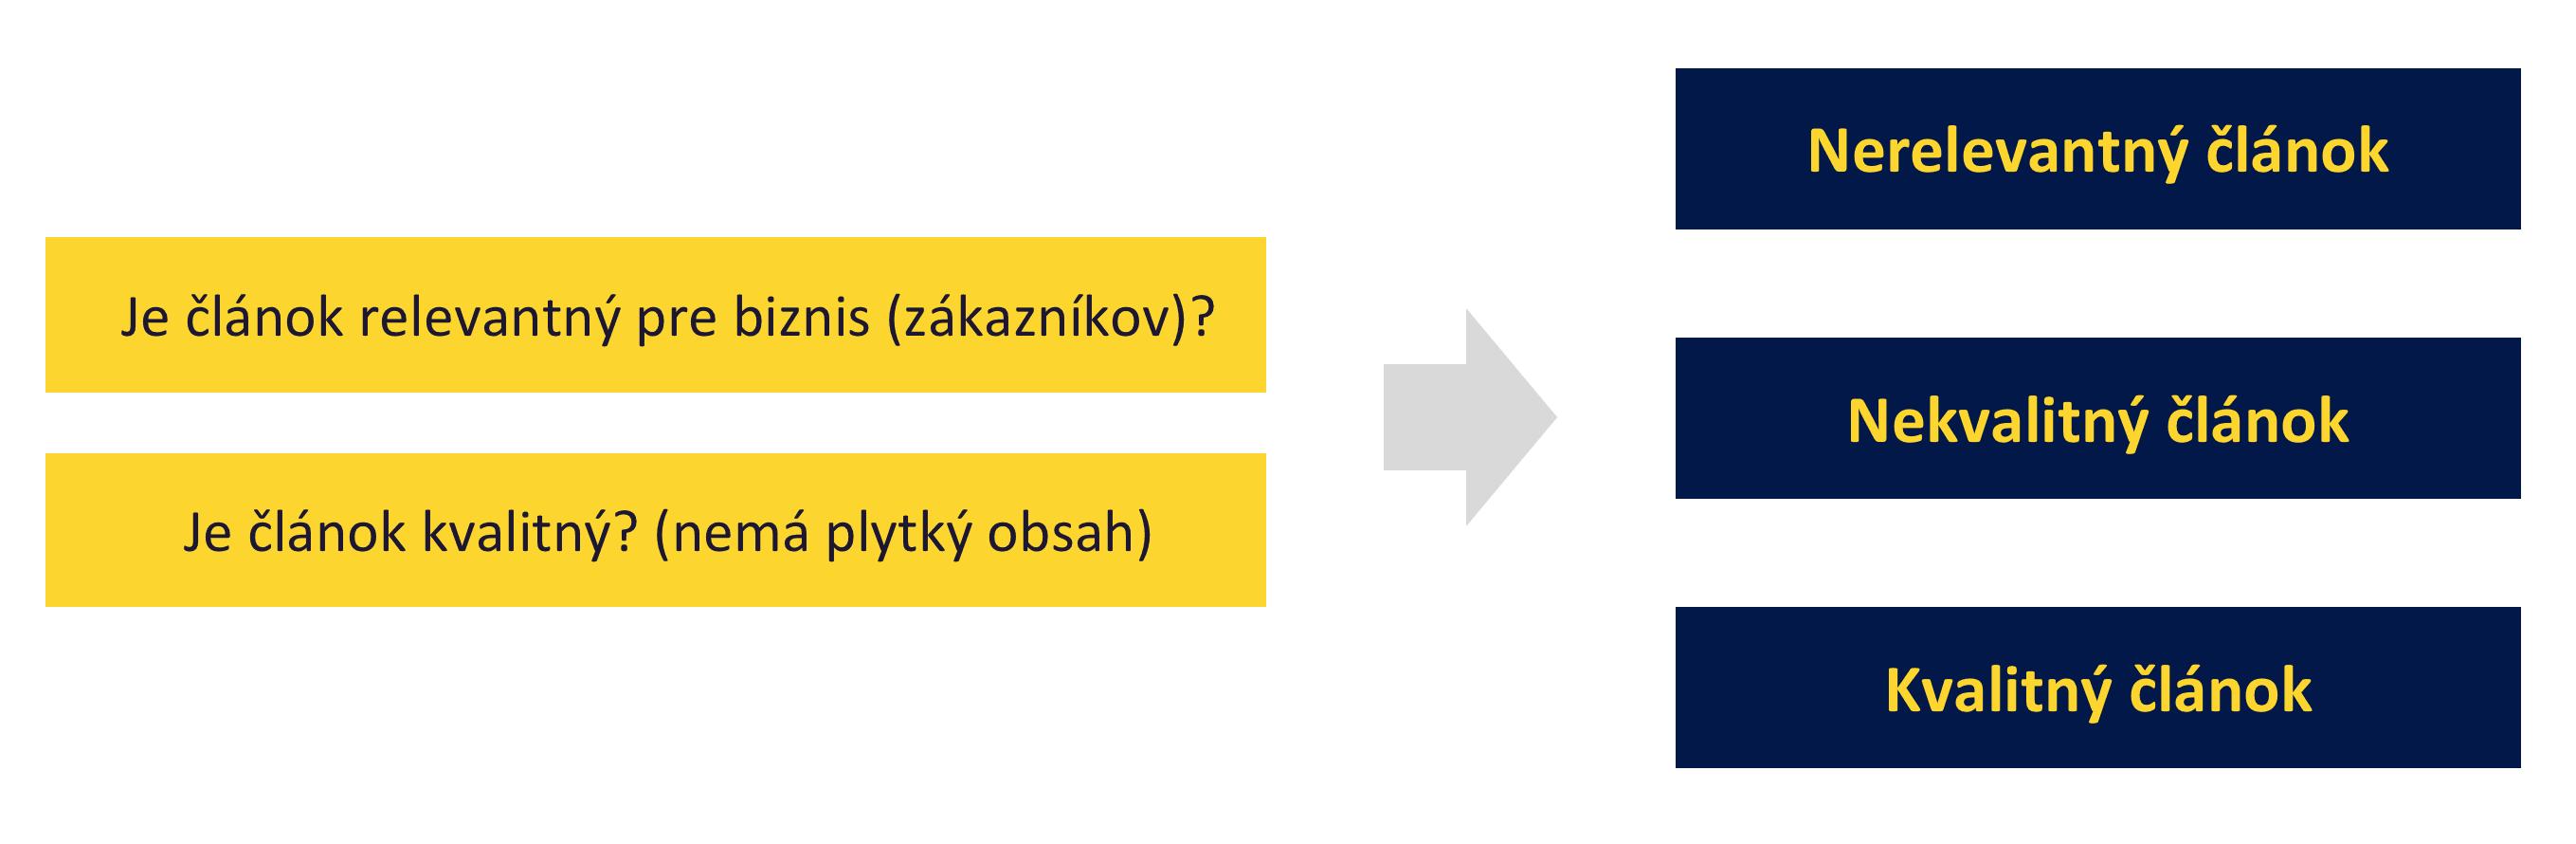 Obsahové SEO - kategorizácia čankov